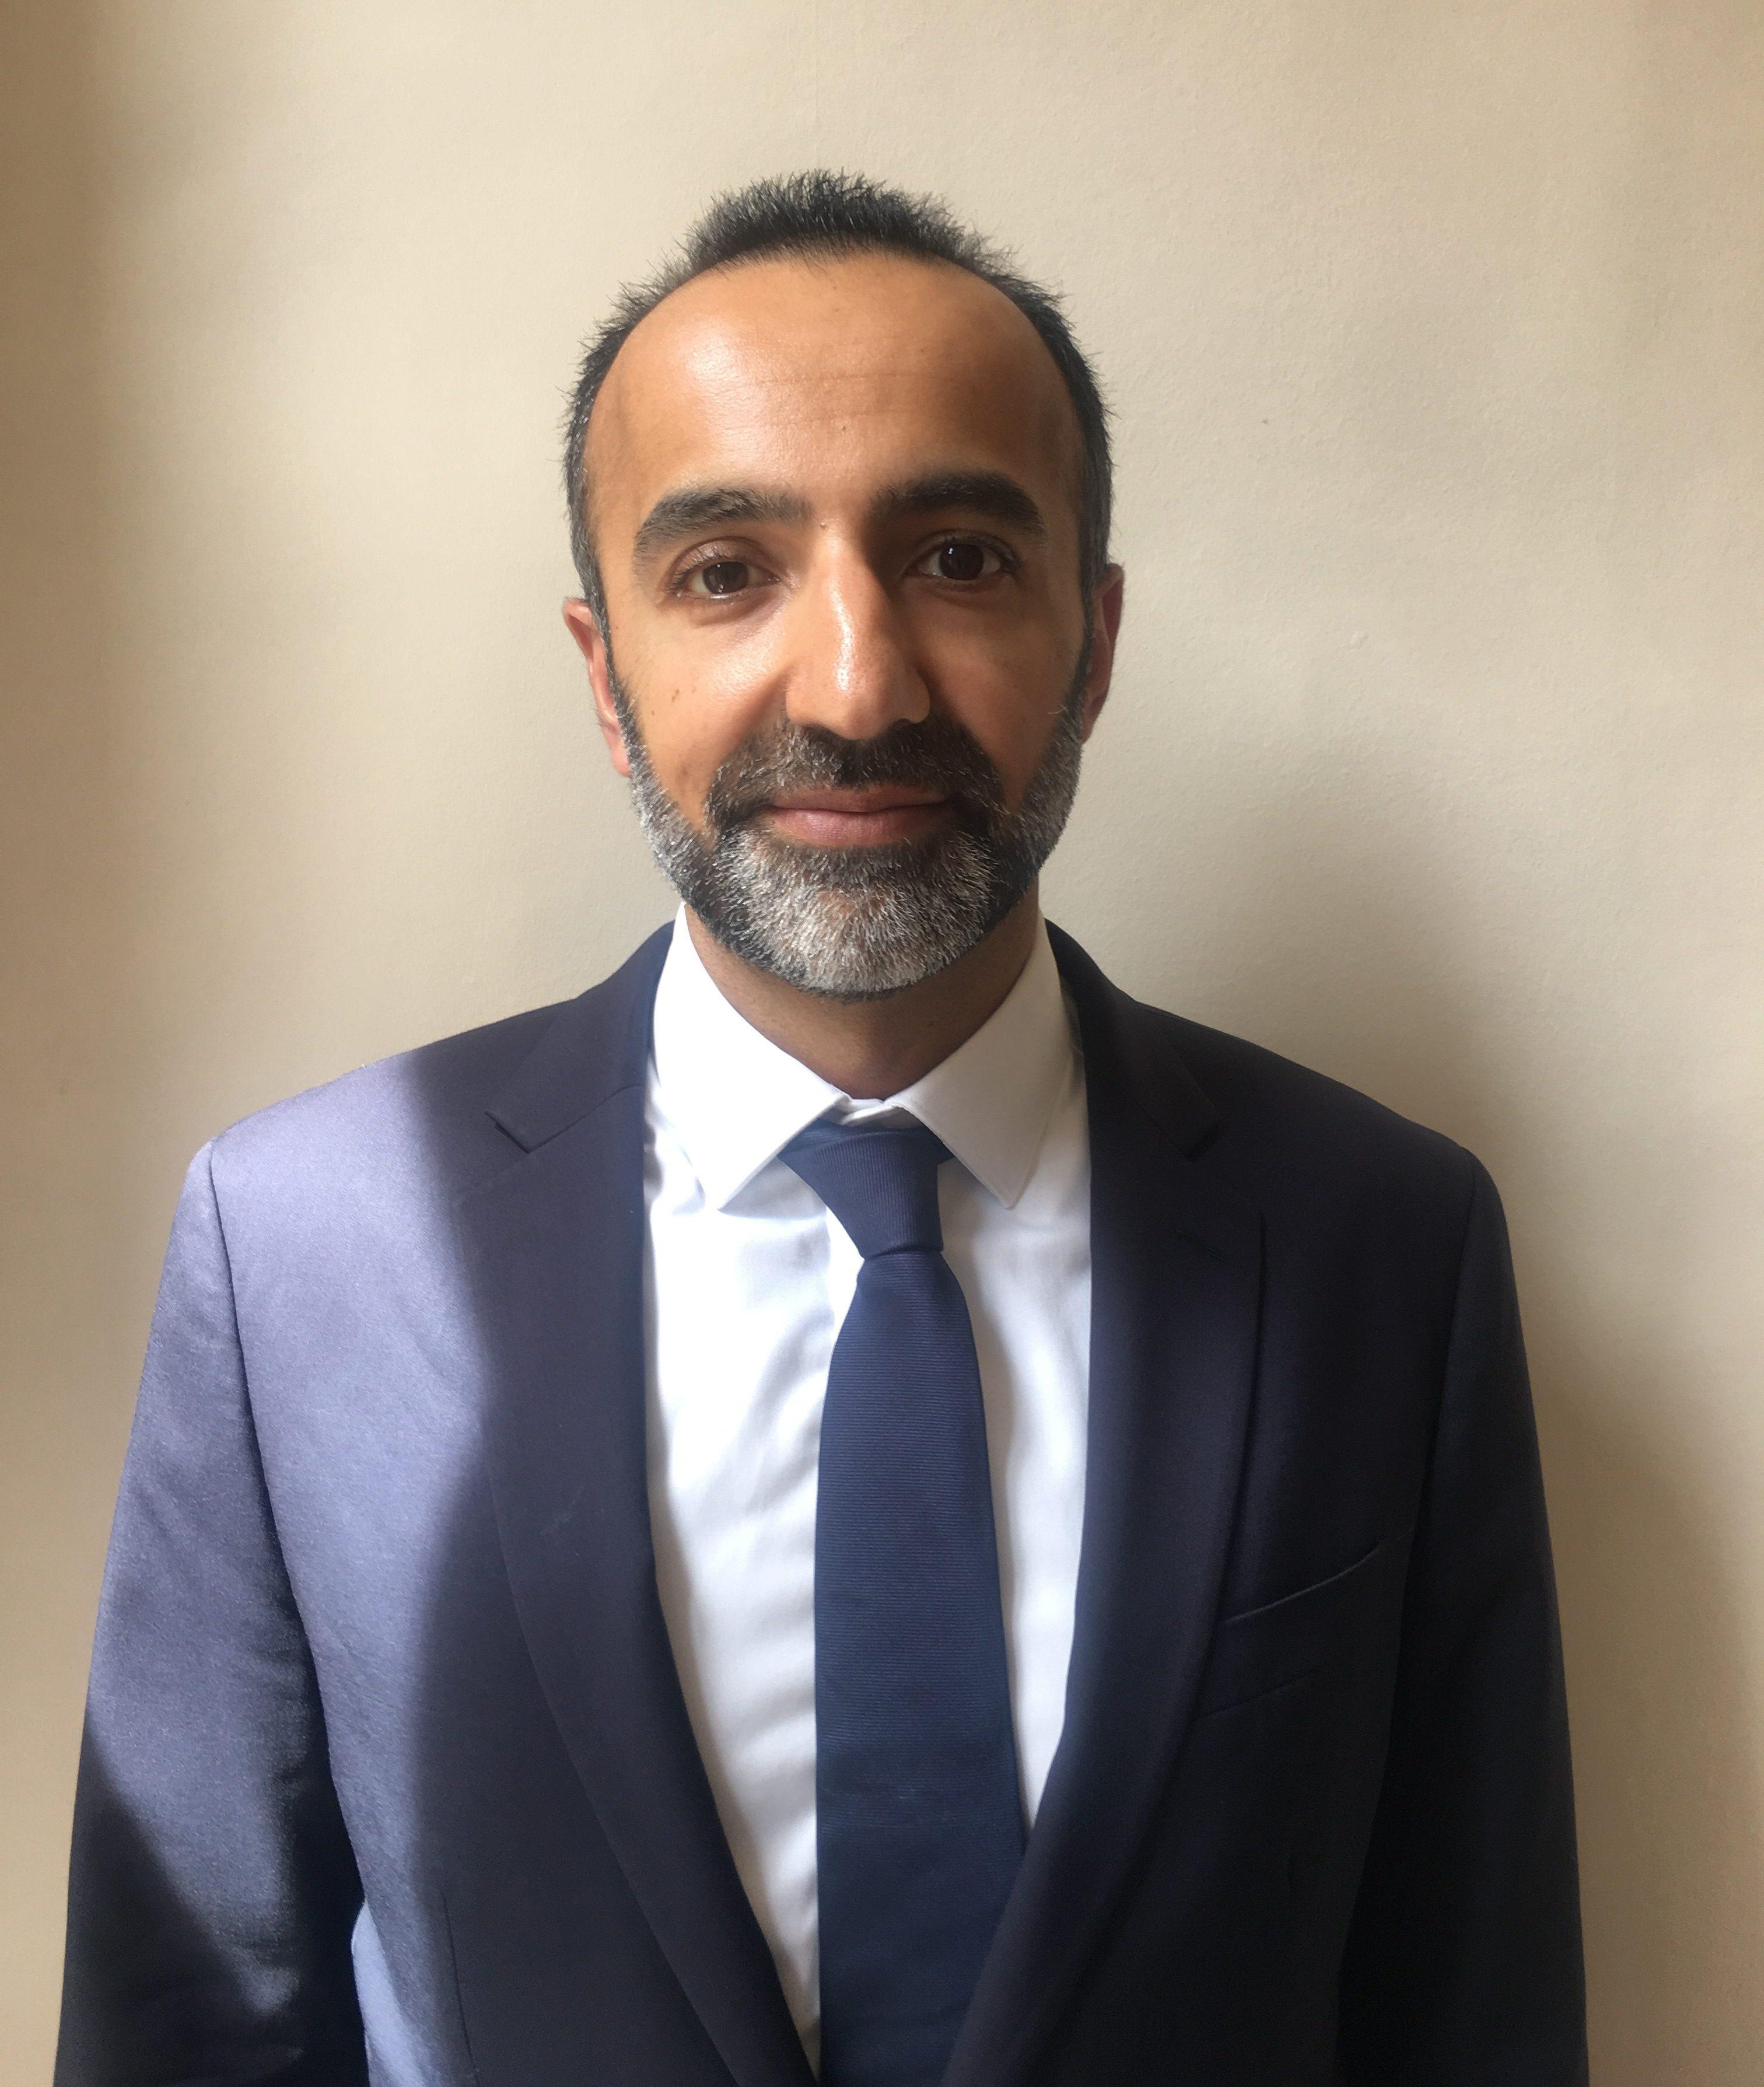 Shehzad Charania